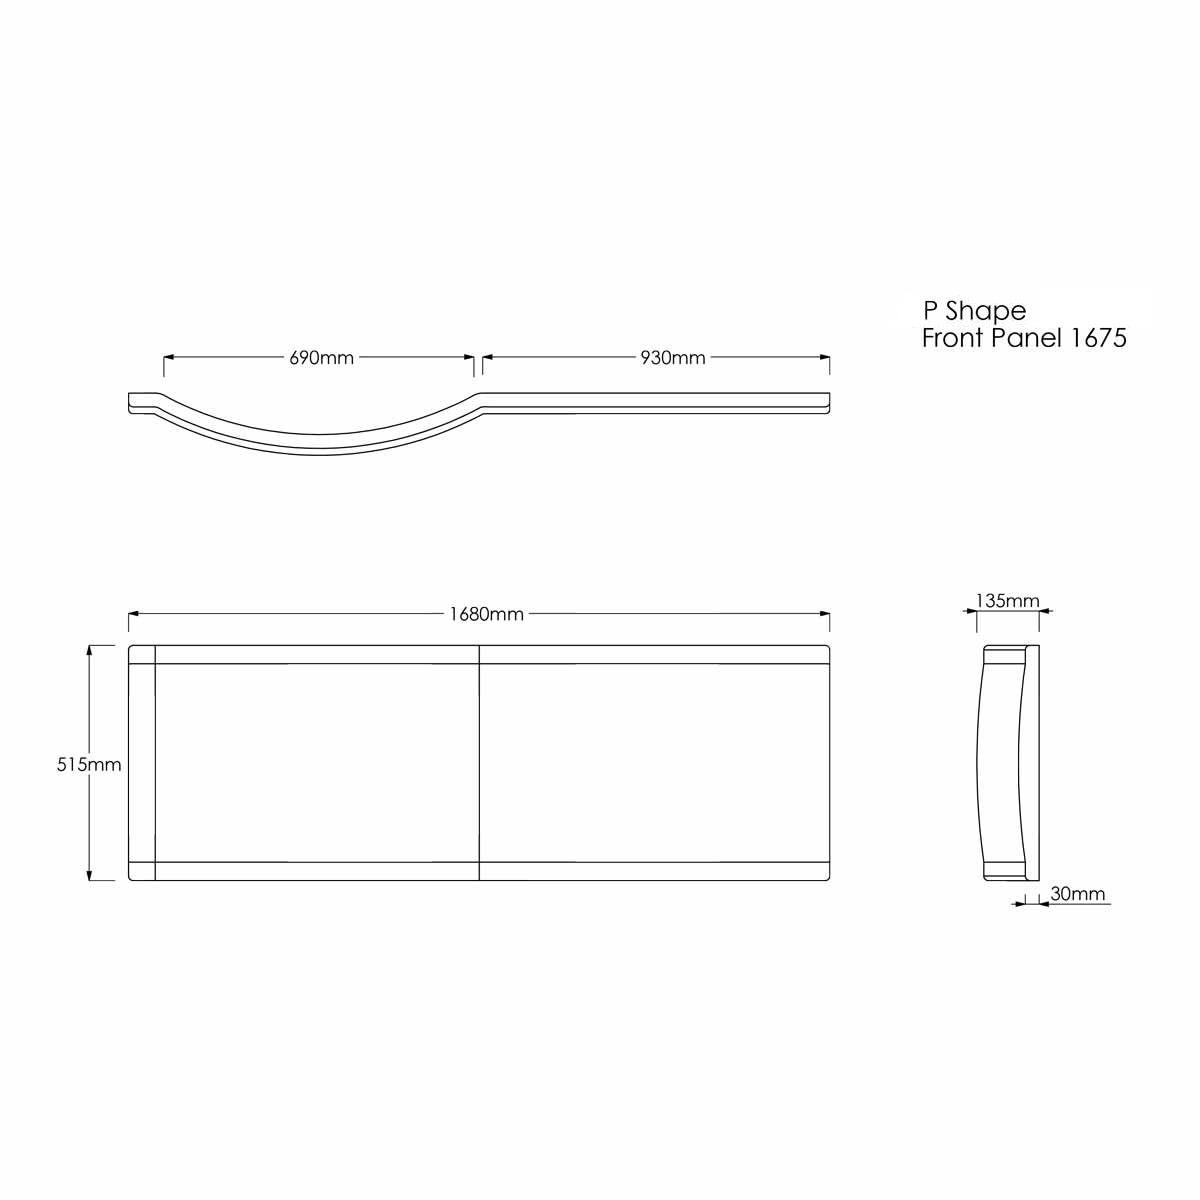 Concert P Shape Shower Bath Panel Dimensions